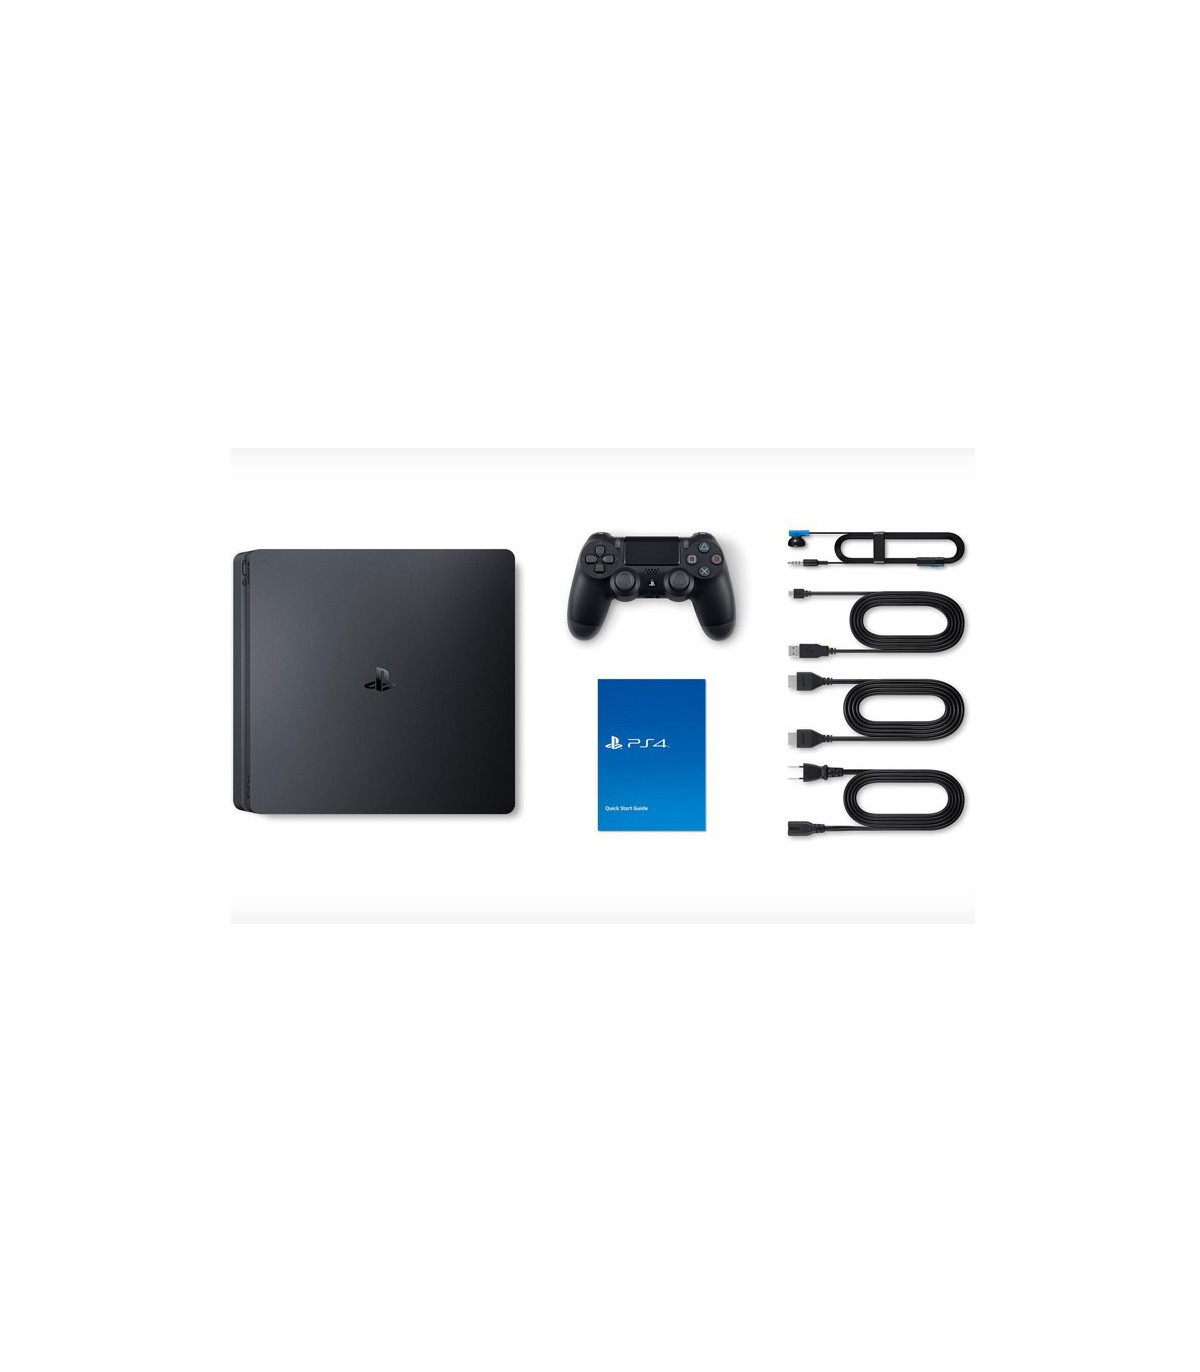 Sony Playstation 4 Slim Region 2 CUH-2116A 500GB Game Console